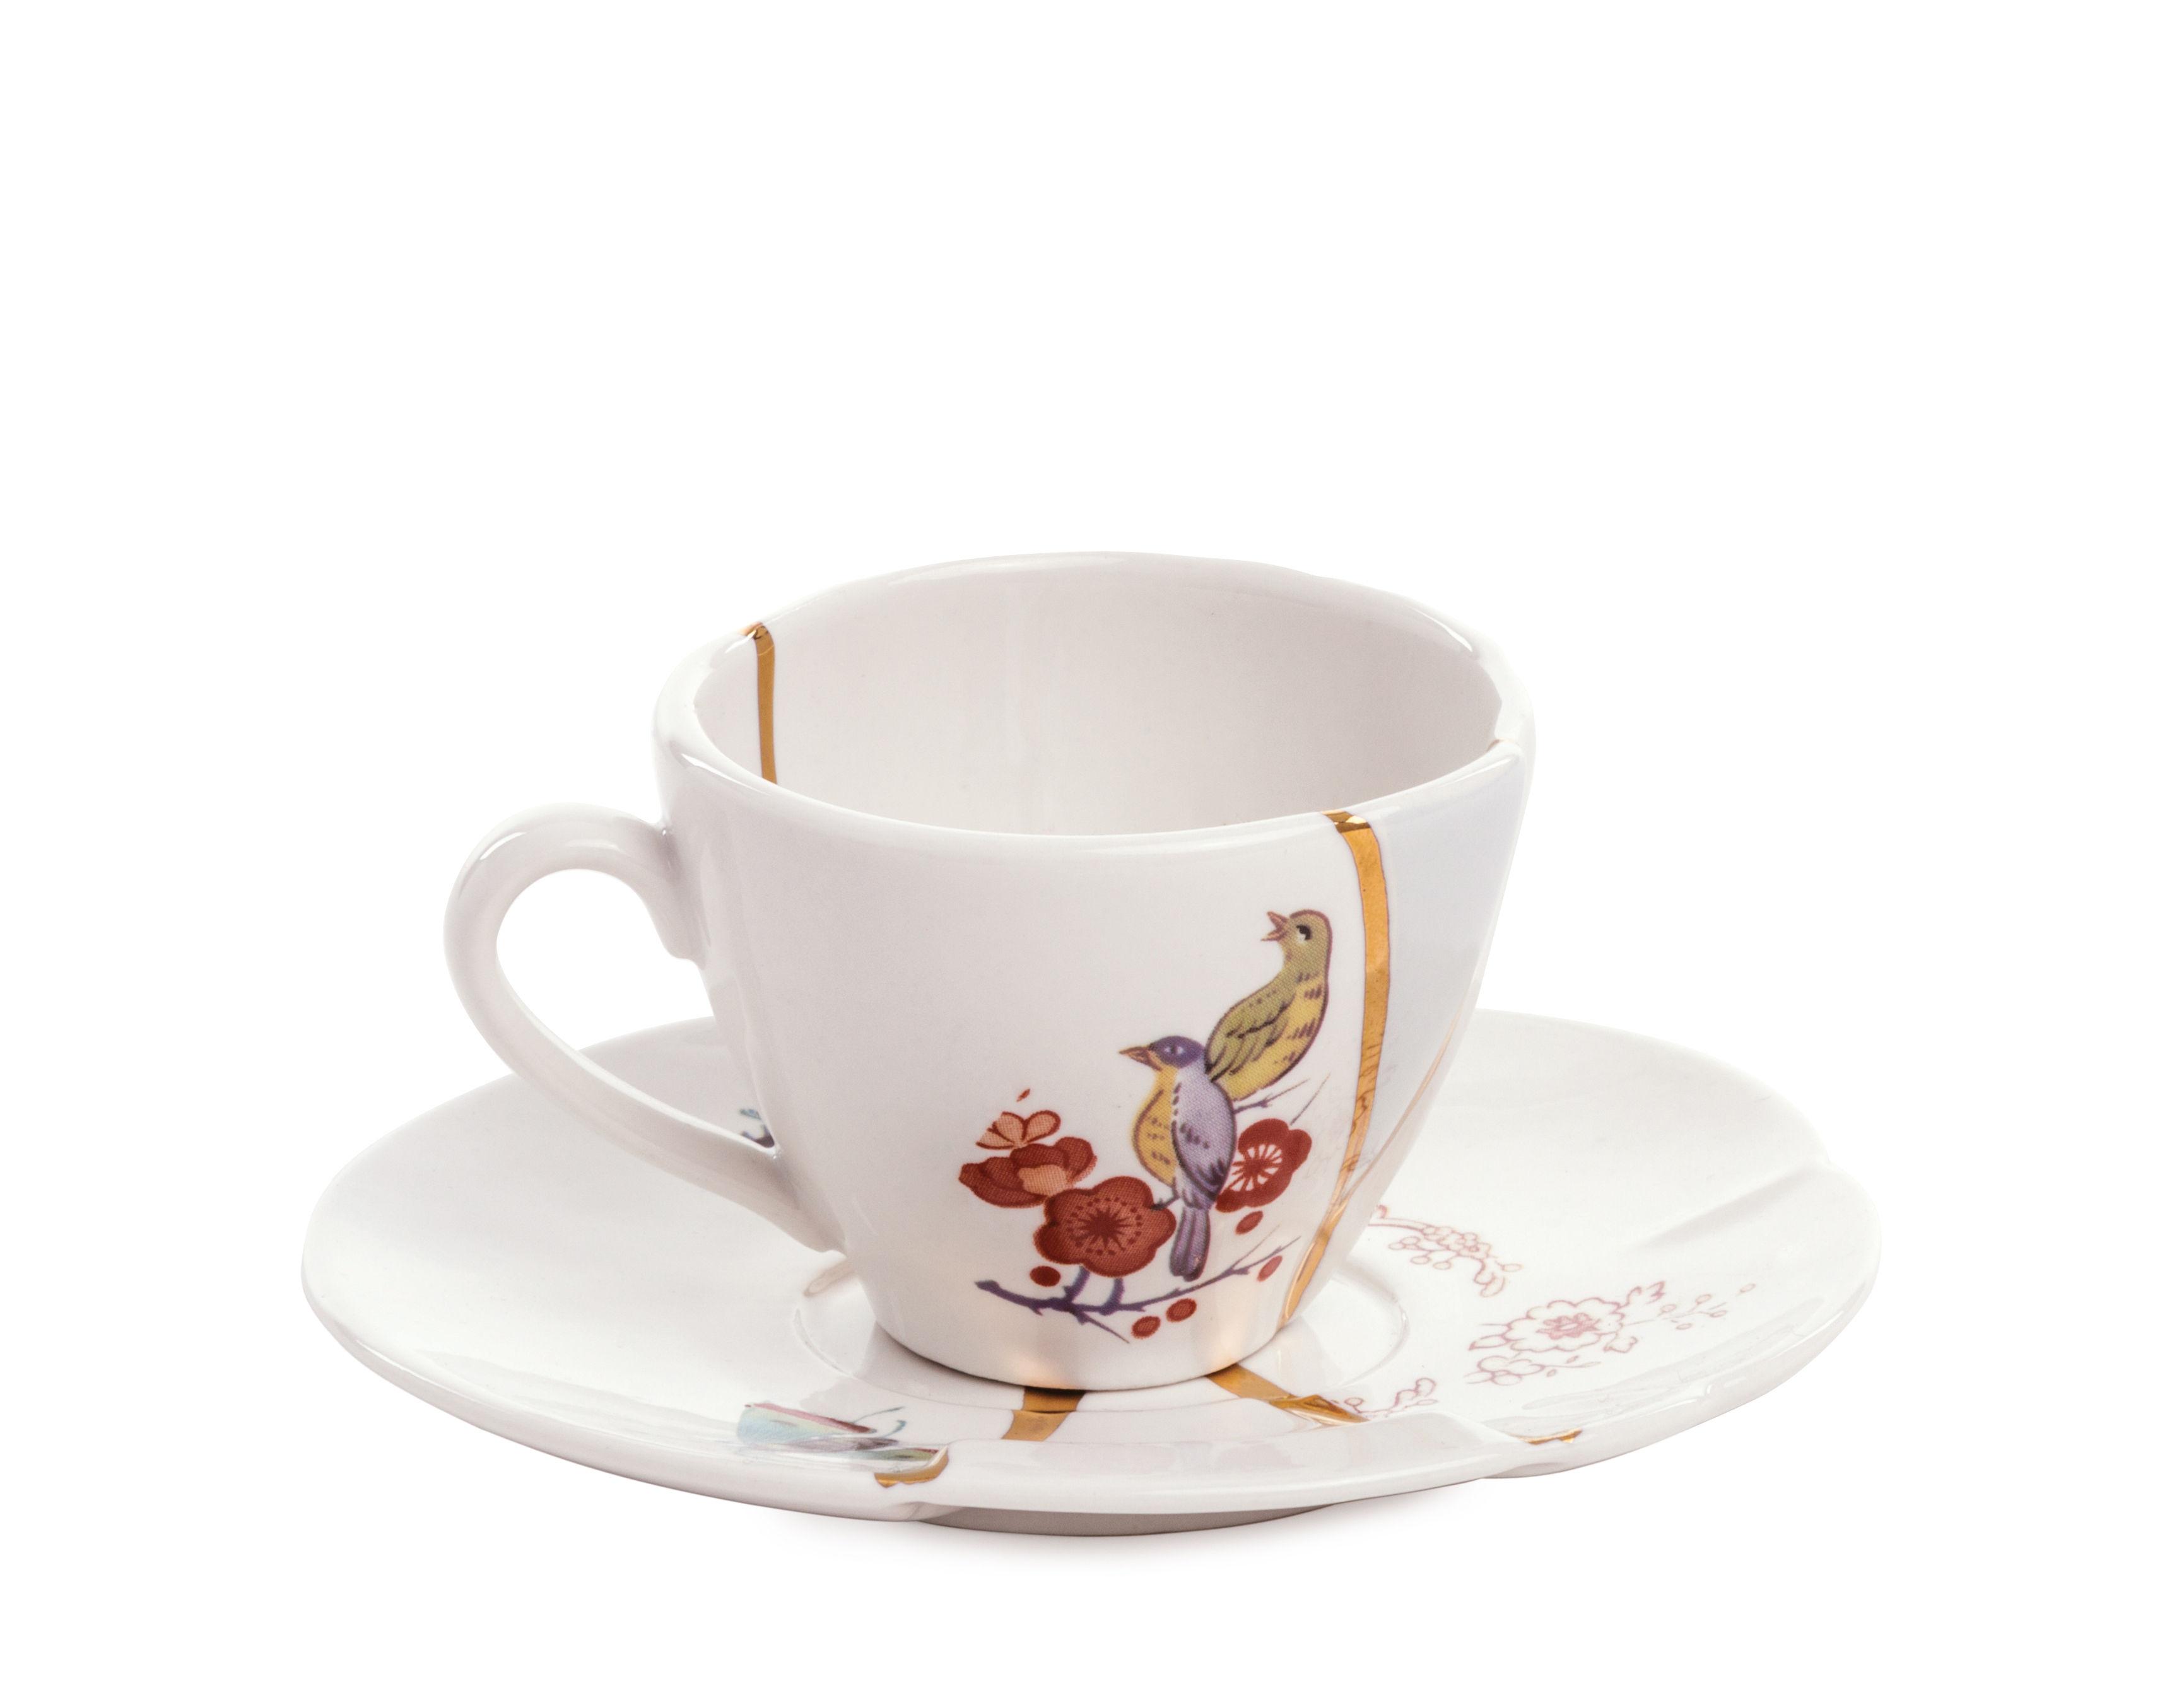 Tavola - Caffè - Tazzina da caffè Kintsugi - / Set Tazza da caffè con sottopiattino di Seletti - bianco & oro / Uccelli & fiori - Oro, Porcellana